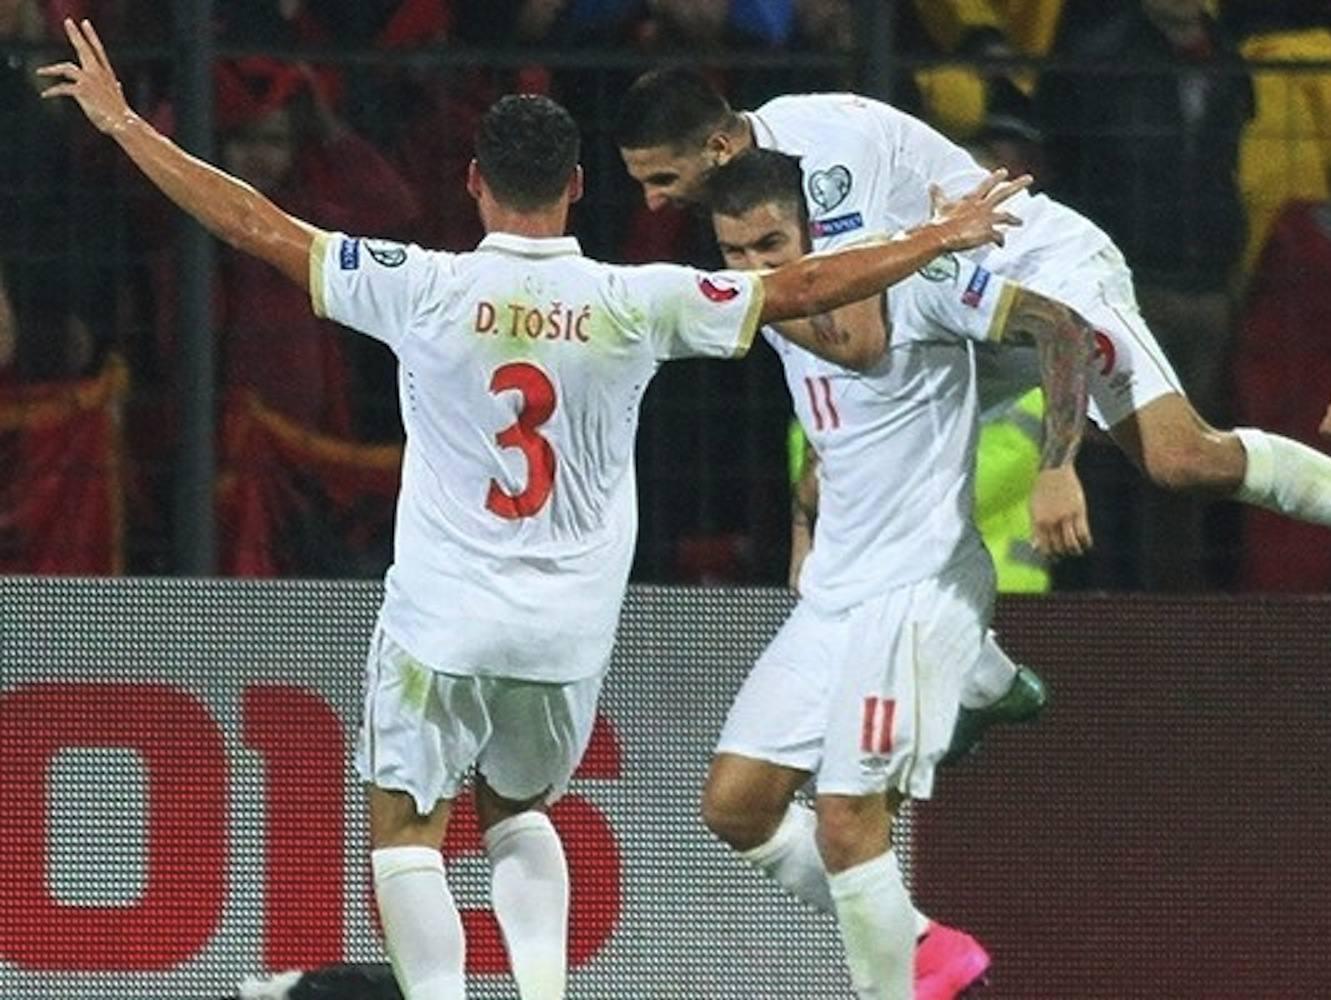 Tosic gol attıktan sonra onlarca Arnavutluk'un önünde yaptığı Çetnik selamı